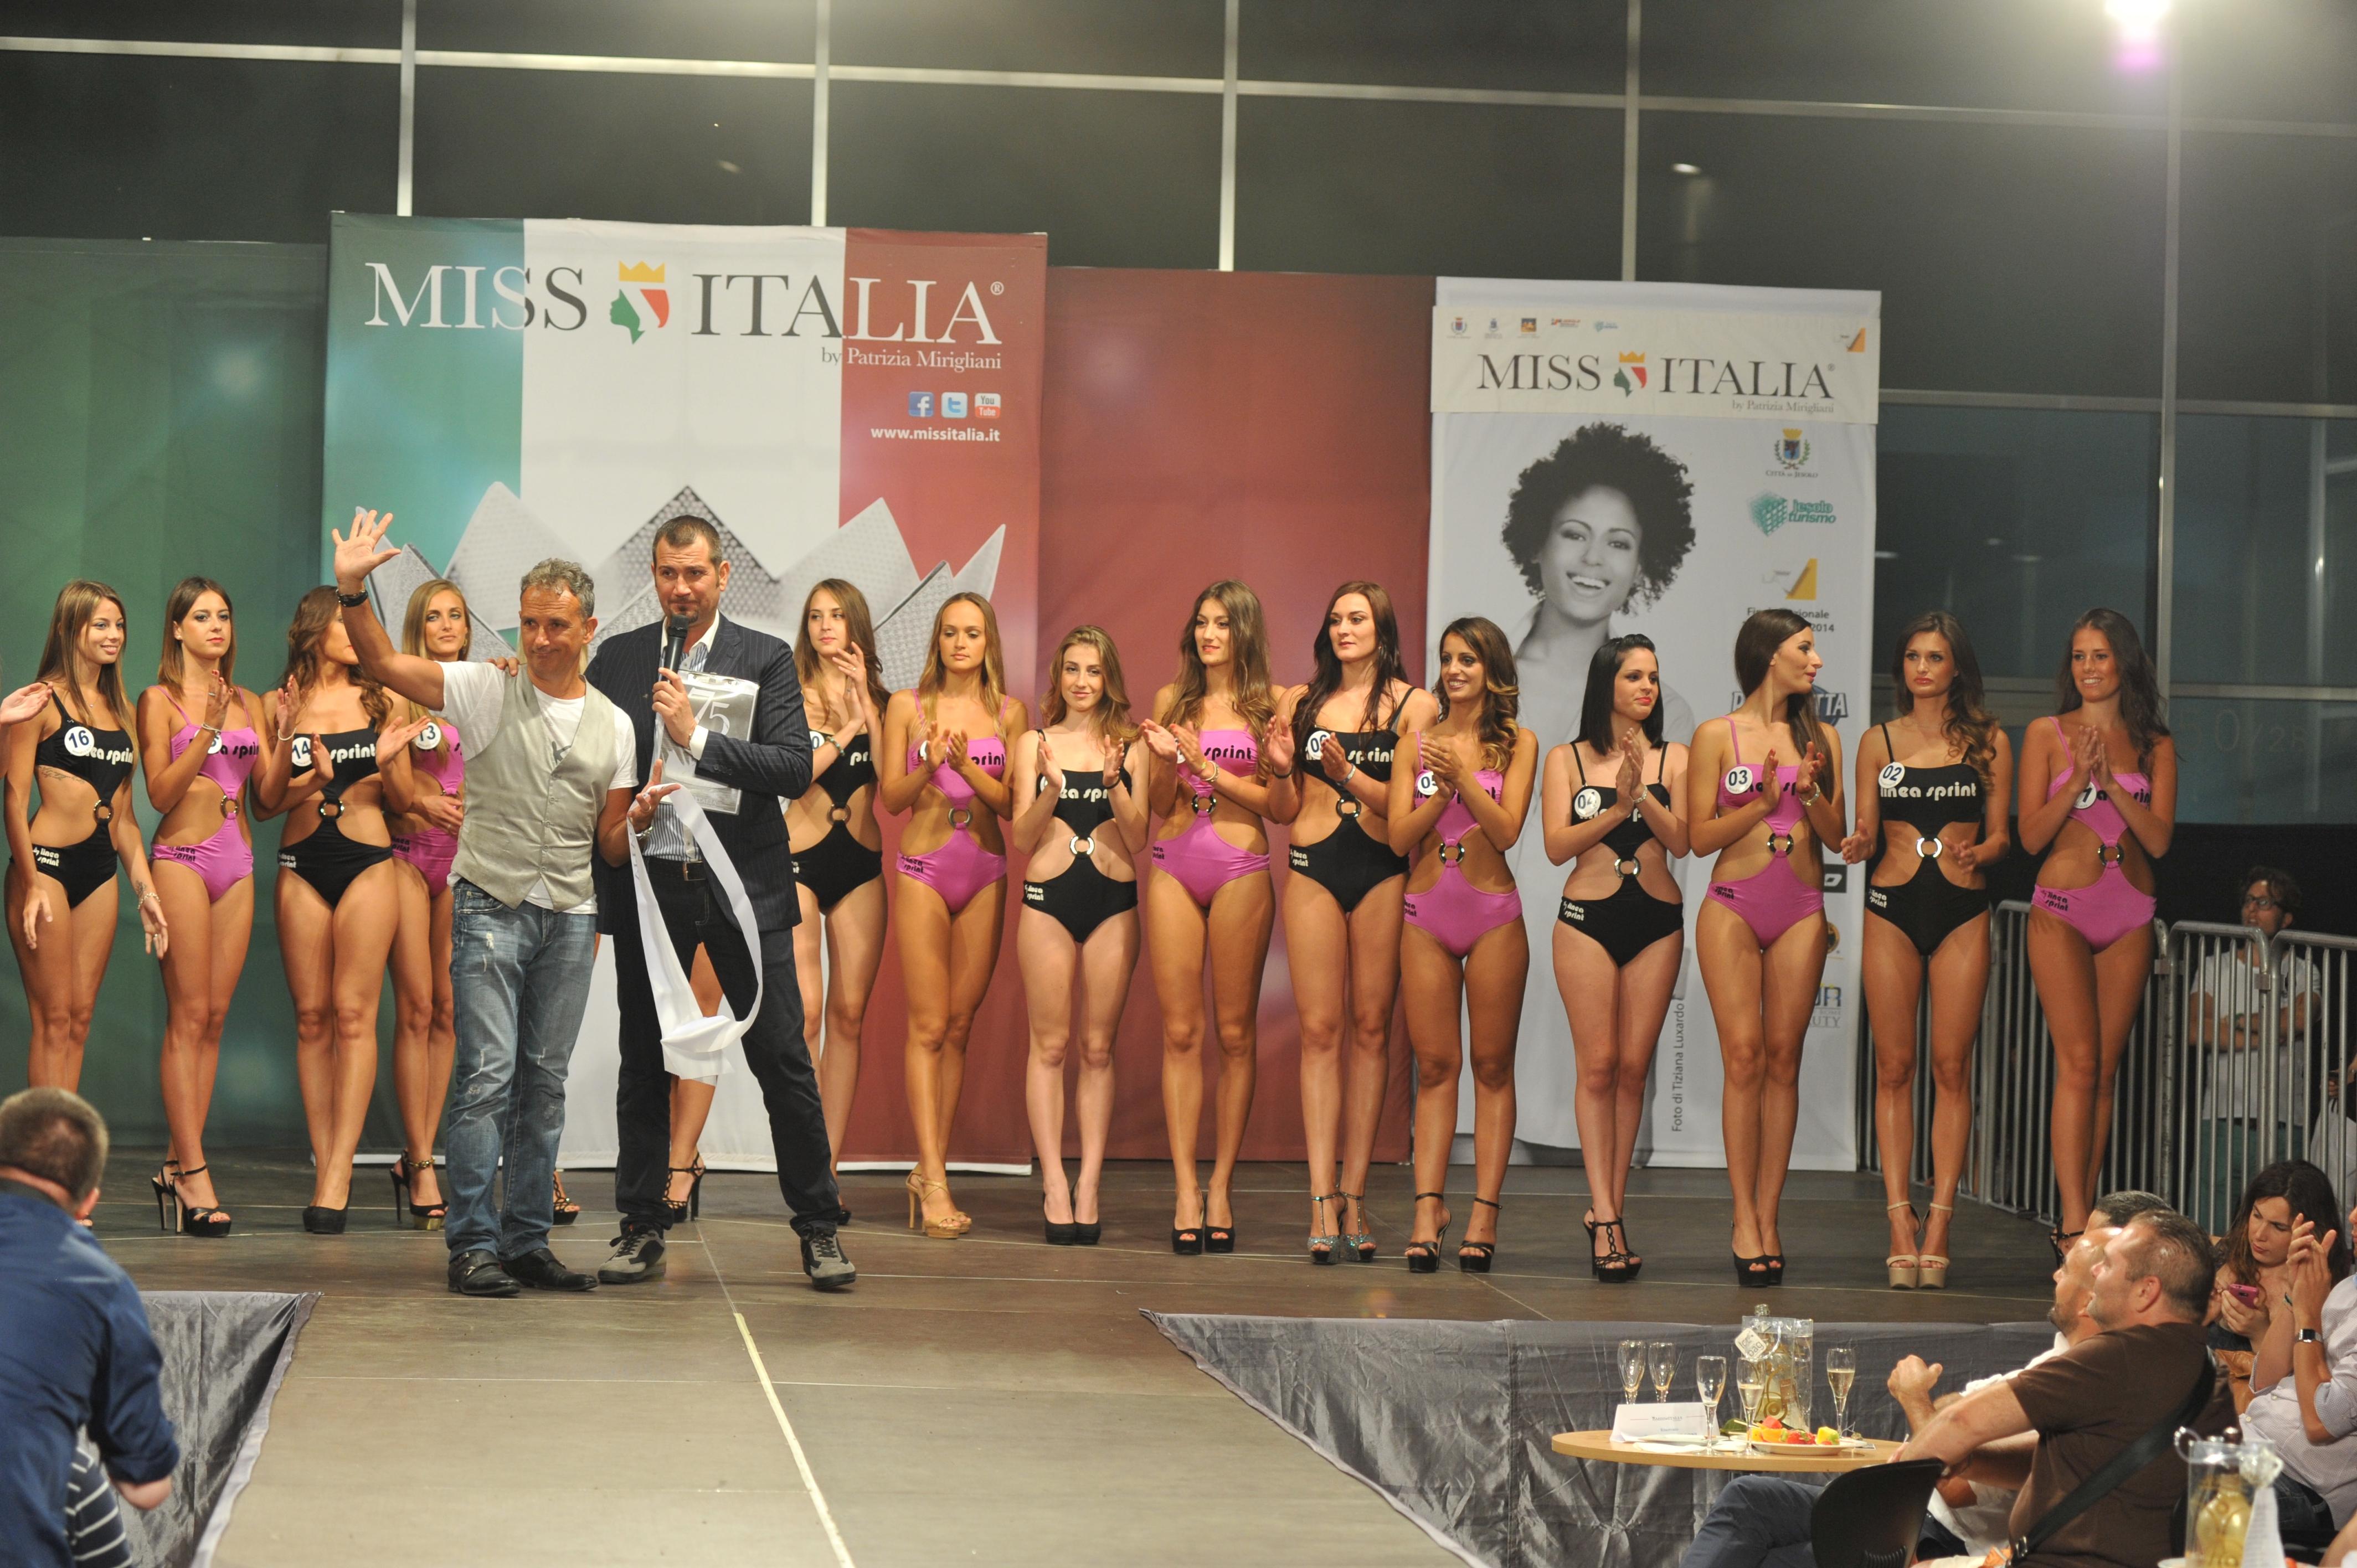 Miss italia 2014 6-miss-italia-2014-prato-www